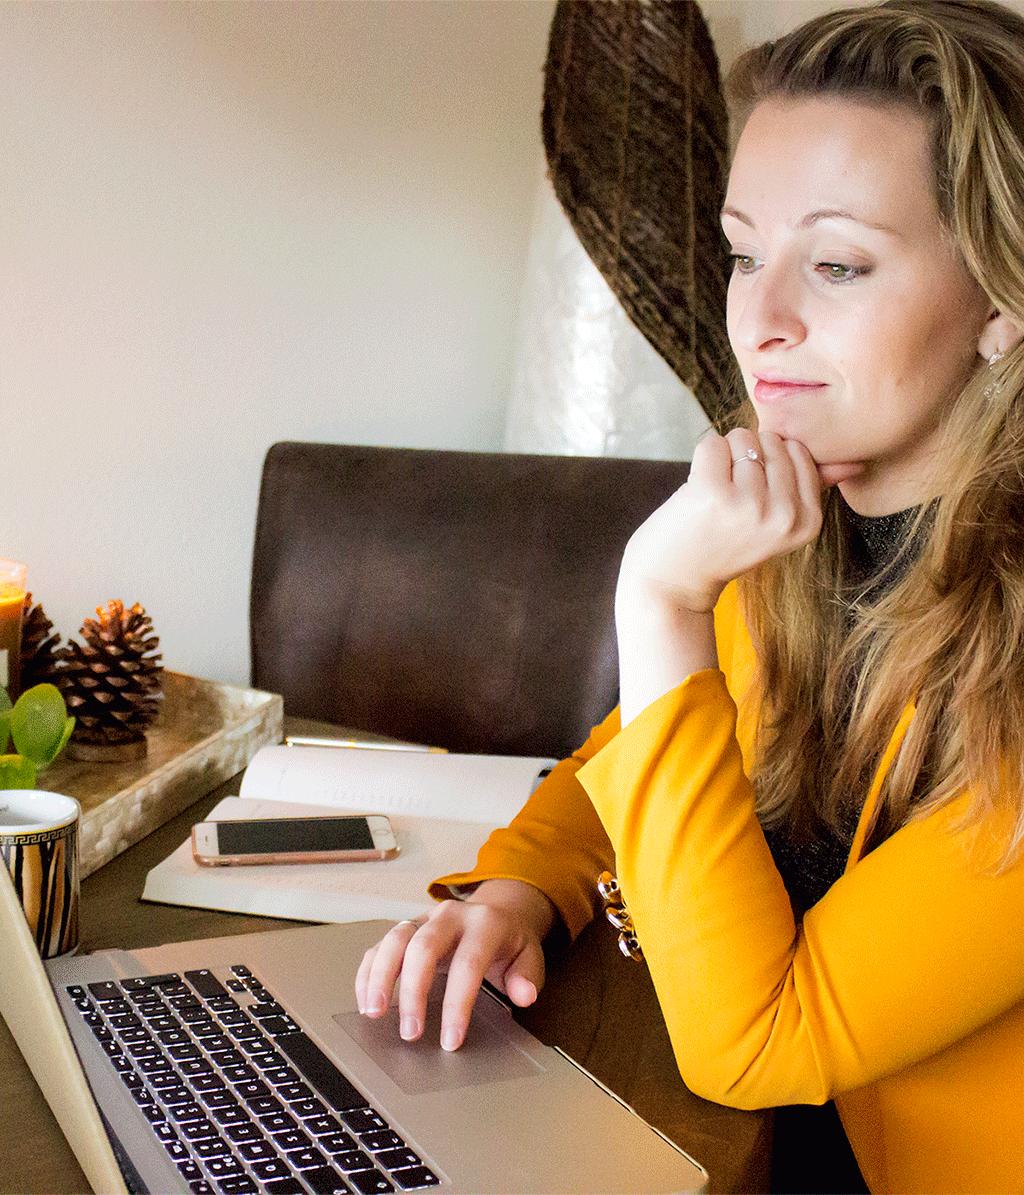 mindandbeauty.nl ondernemer aan het werk achter een laptop aan tafel